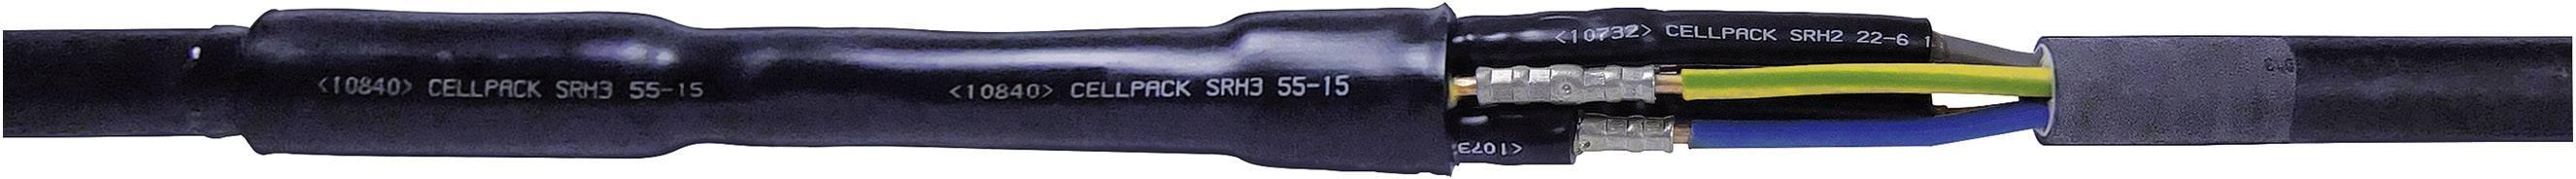 Smršťovací kabelová svorka CellPack 145362, 5 x 1,5 - 6 mm²